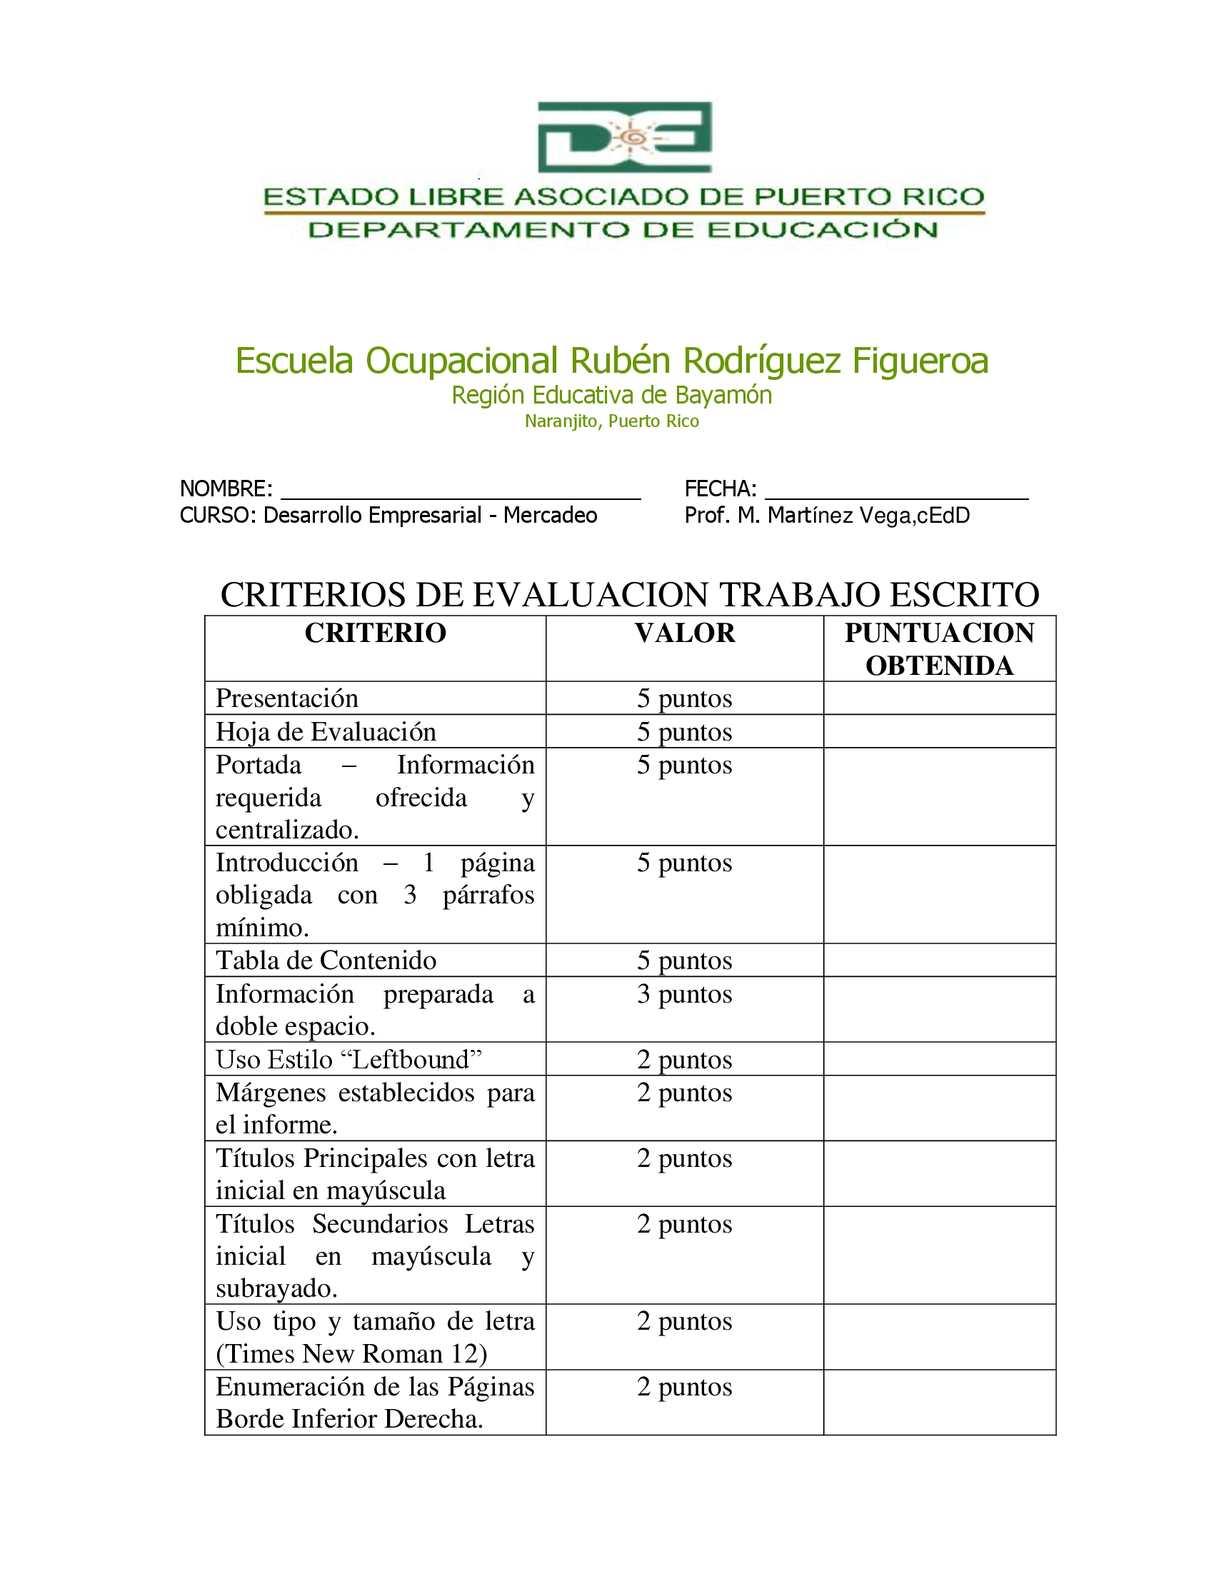 Calaméo - CRITERIOS HOJA EVALUACION TRABAJO ESCRITO FINAL MERCADEO